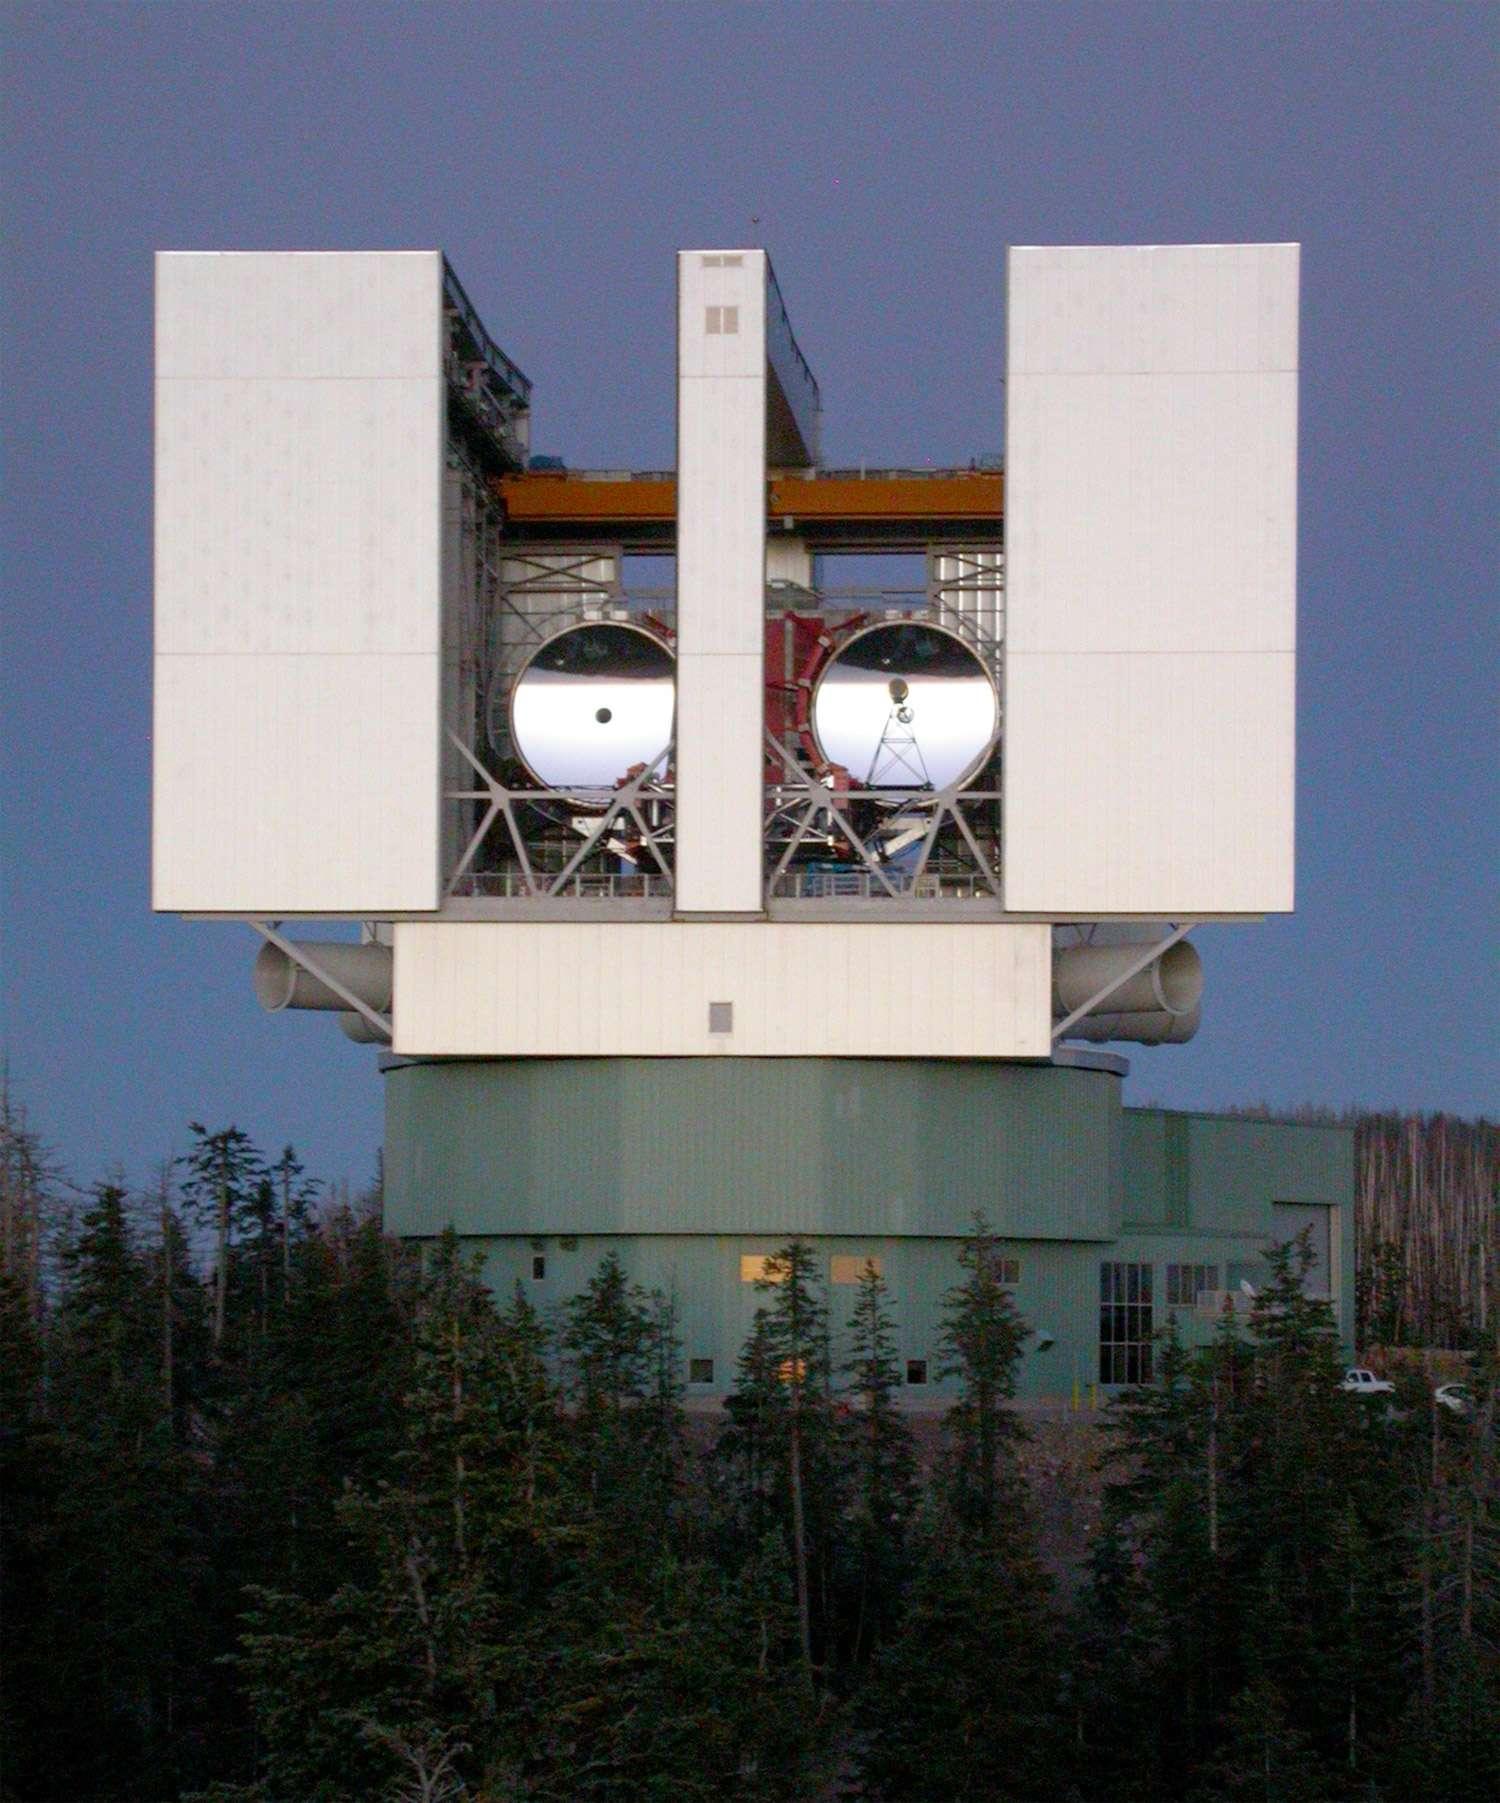 Les deux miroirs de 8,4 mètres donnent aujourd'hui au LBT les performances d'un télescope de près de 12 mètres de diamètre. Lorsqu'il fonctionnera en mode interférométrie, sa résolution atteindra celle d'un télescope de 22,8 m. Il fournira alors des images dix fois plus fines que celles réalisées par le télescope spatial Hubble. © Large Binocular Telescope Corporation